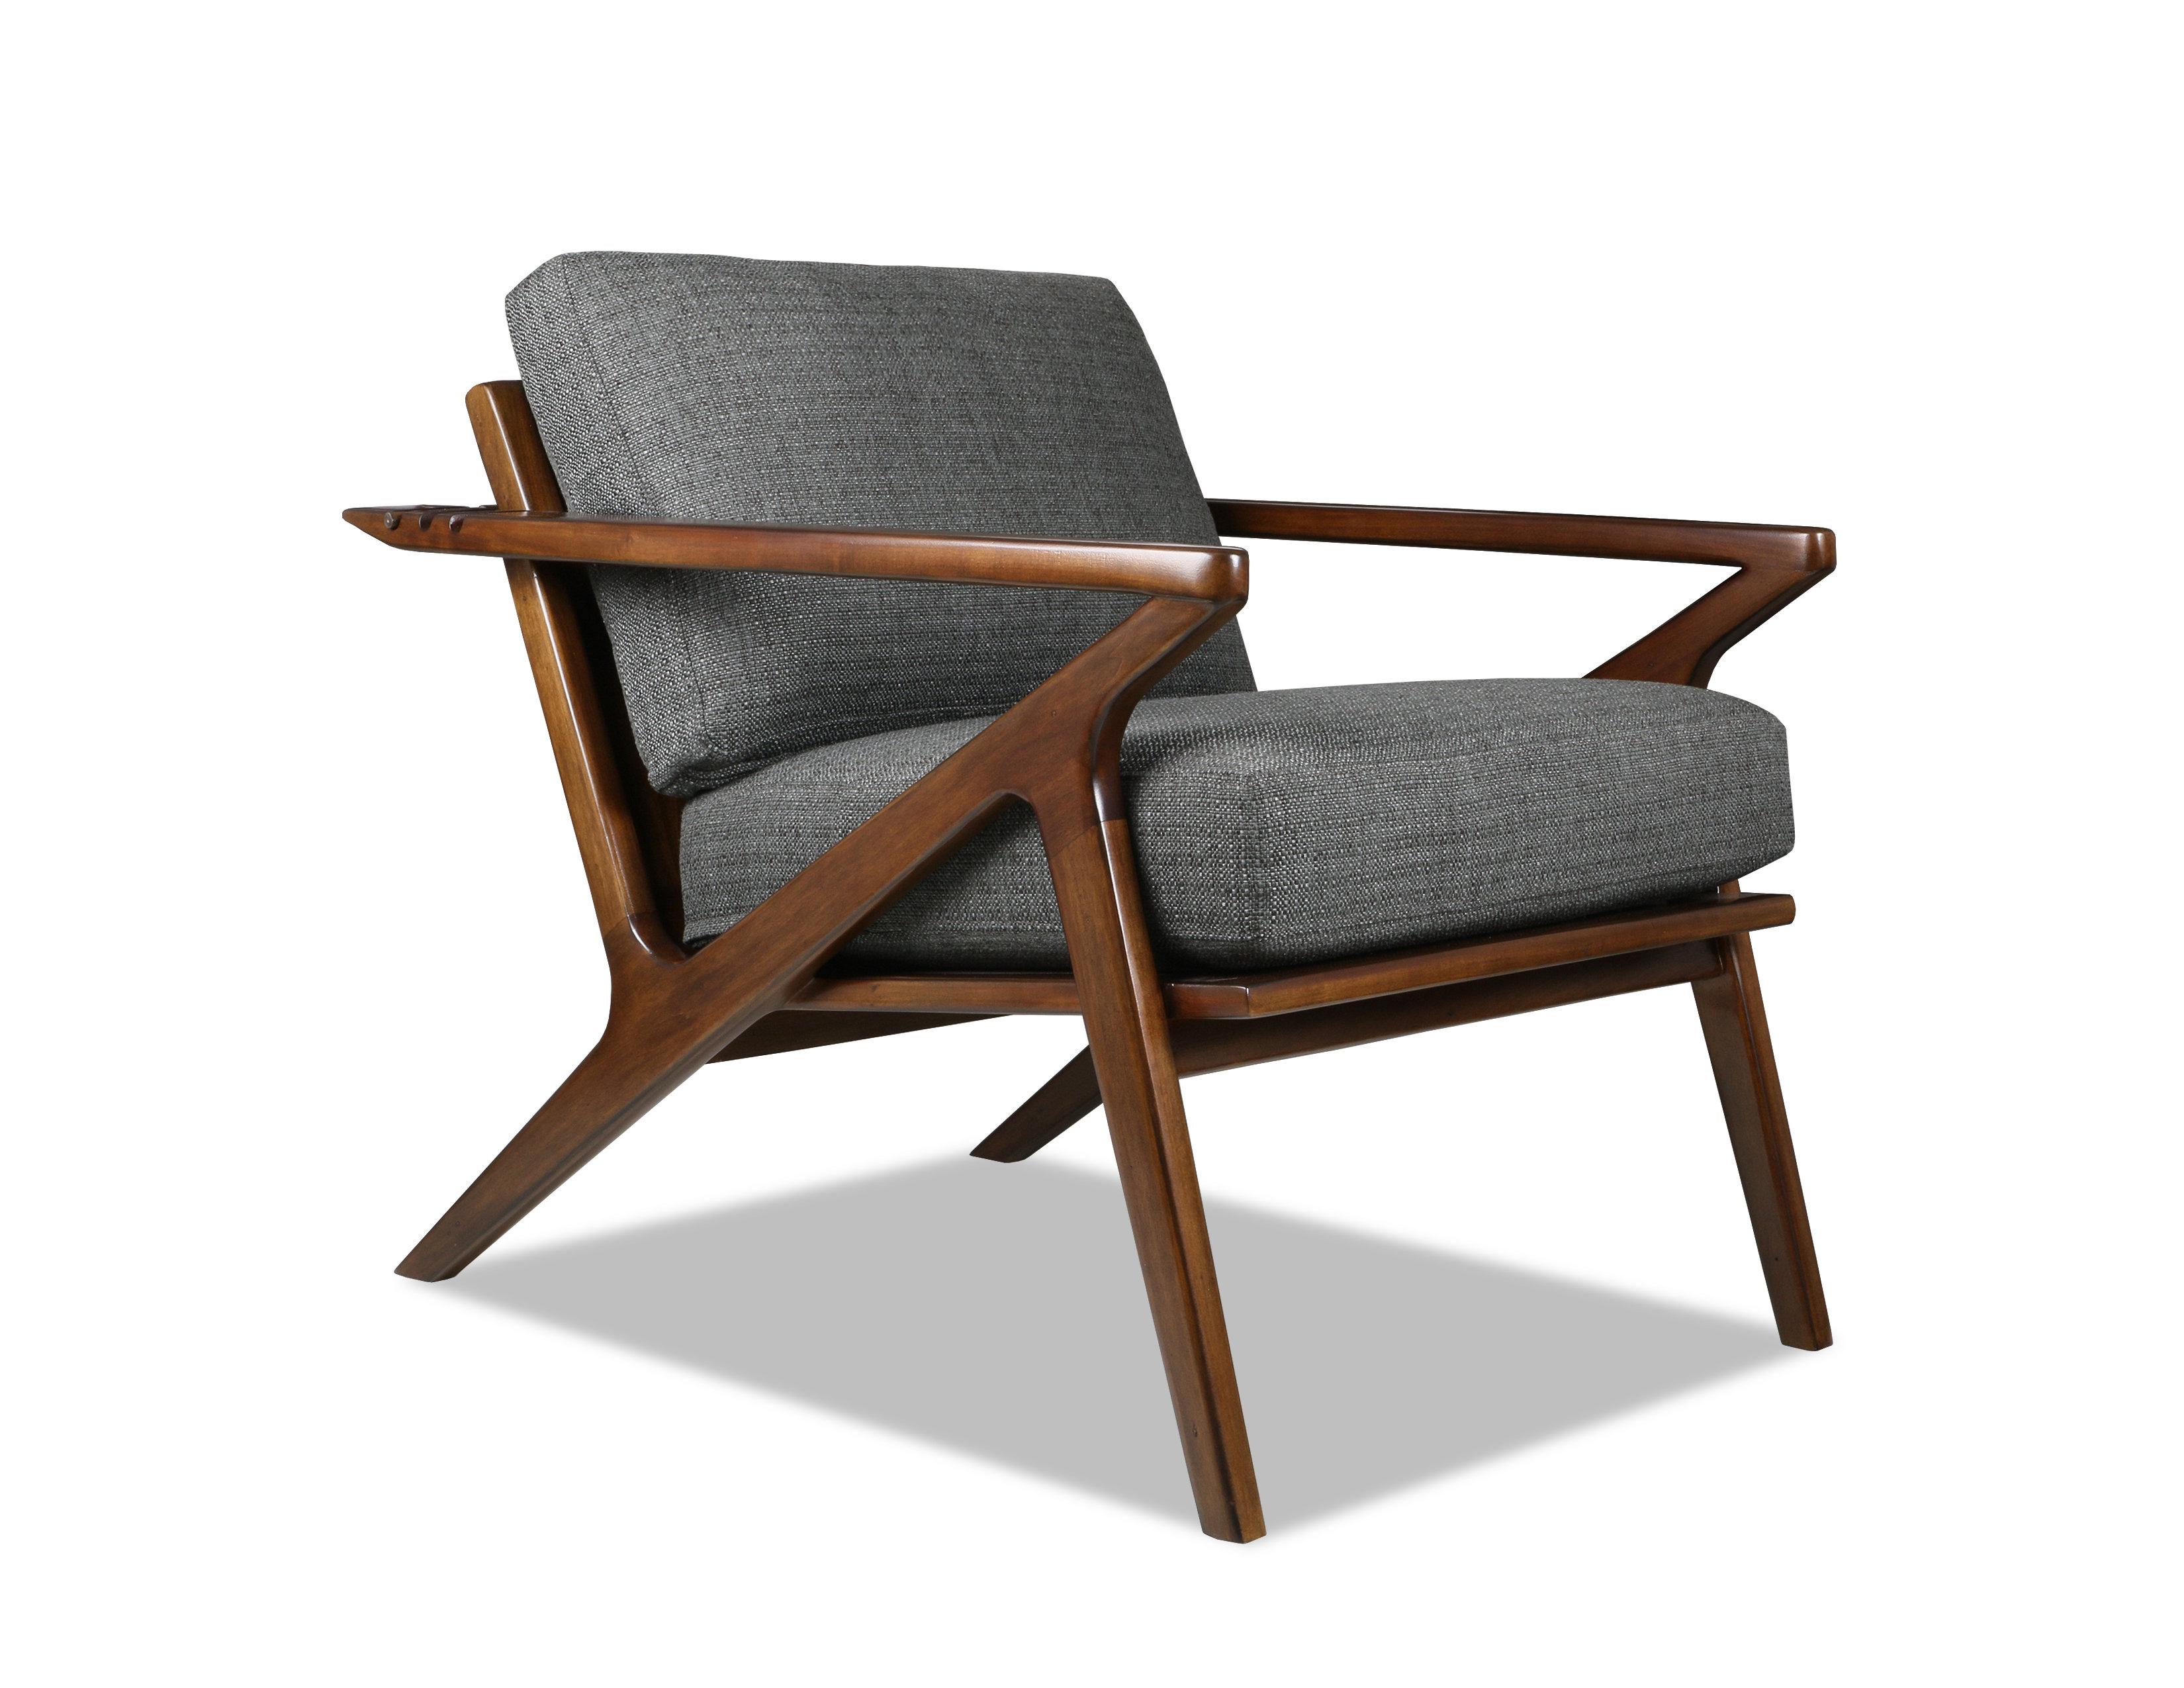 recliner furniture club kids baby totally arm tween microsuede wayfair pdx bent chair